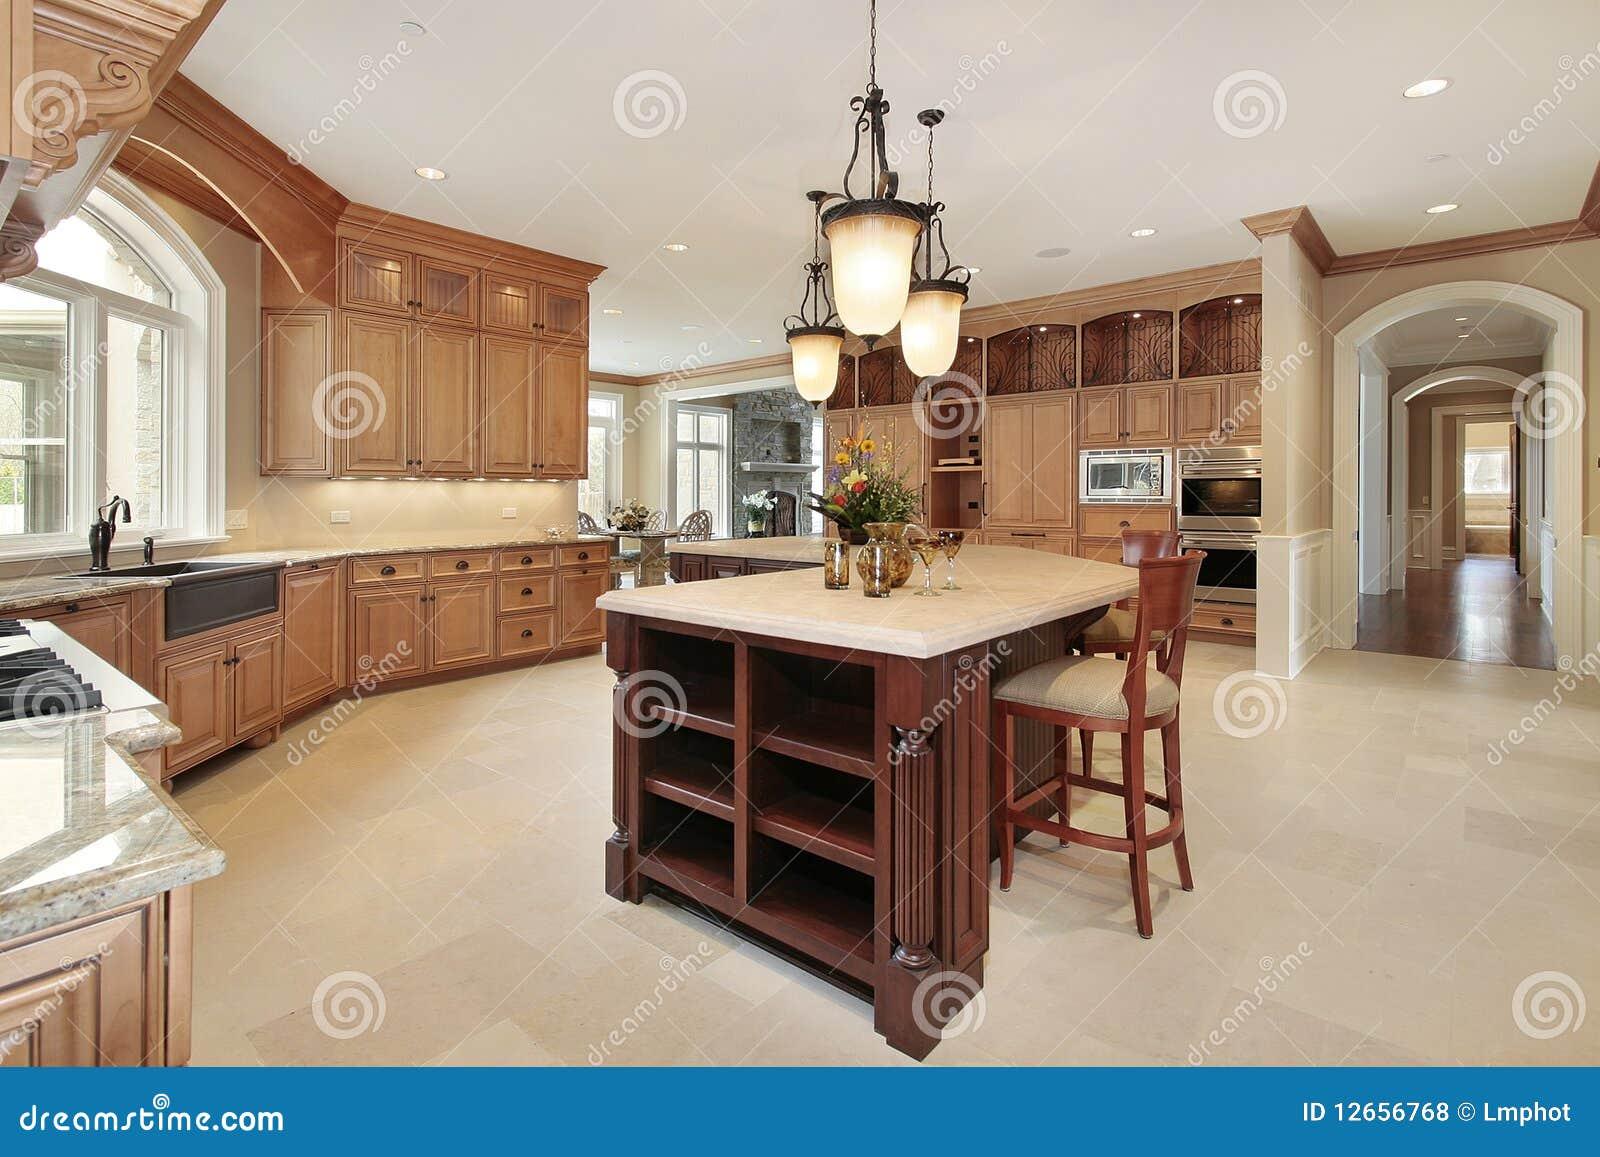 Große Küche Mit Hölzernem Cabinetry Stockfoto - Bild von vorort ...